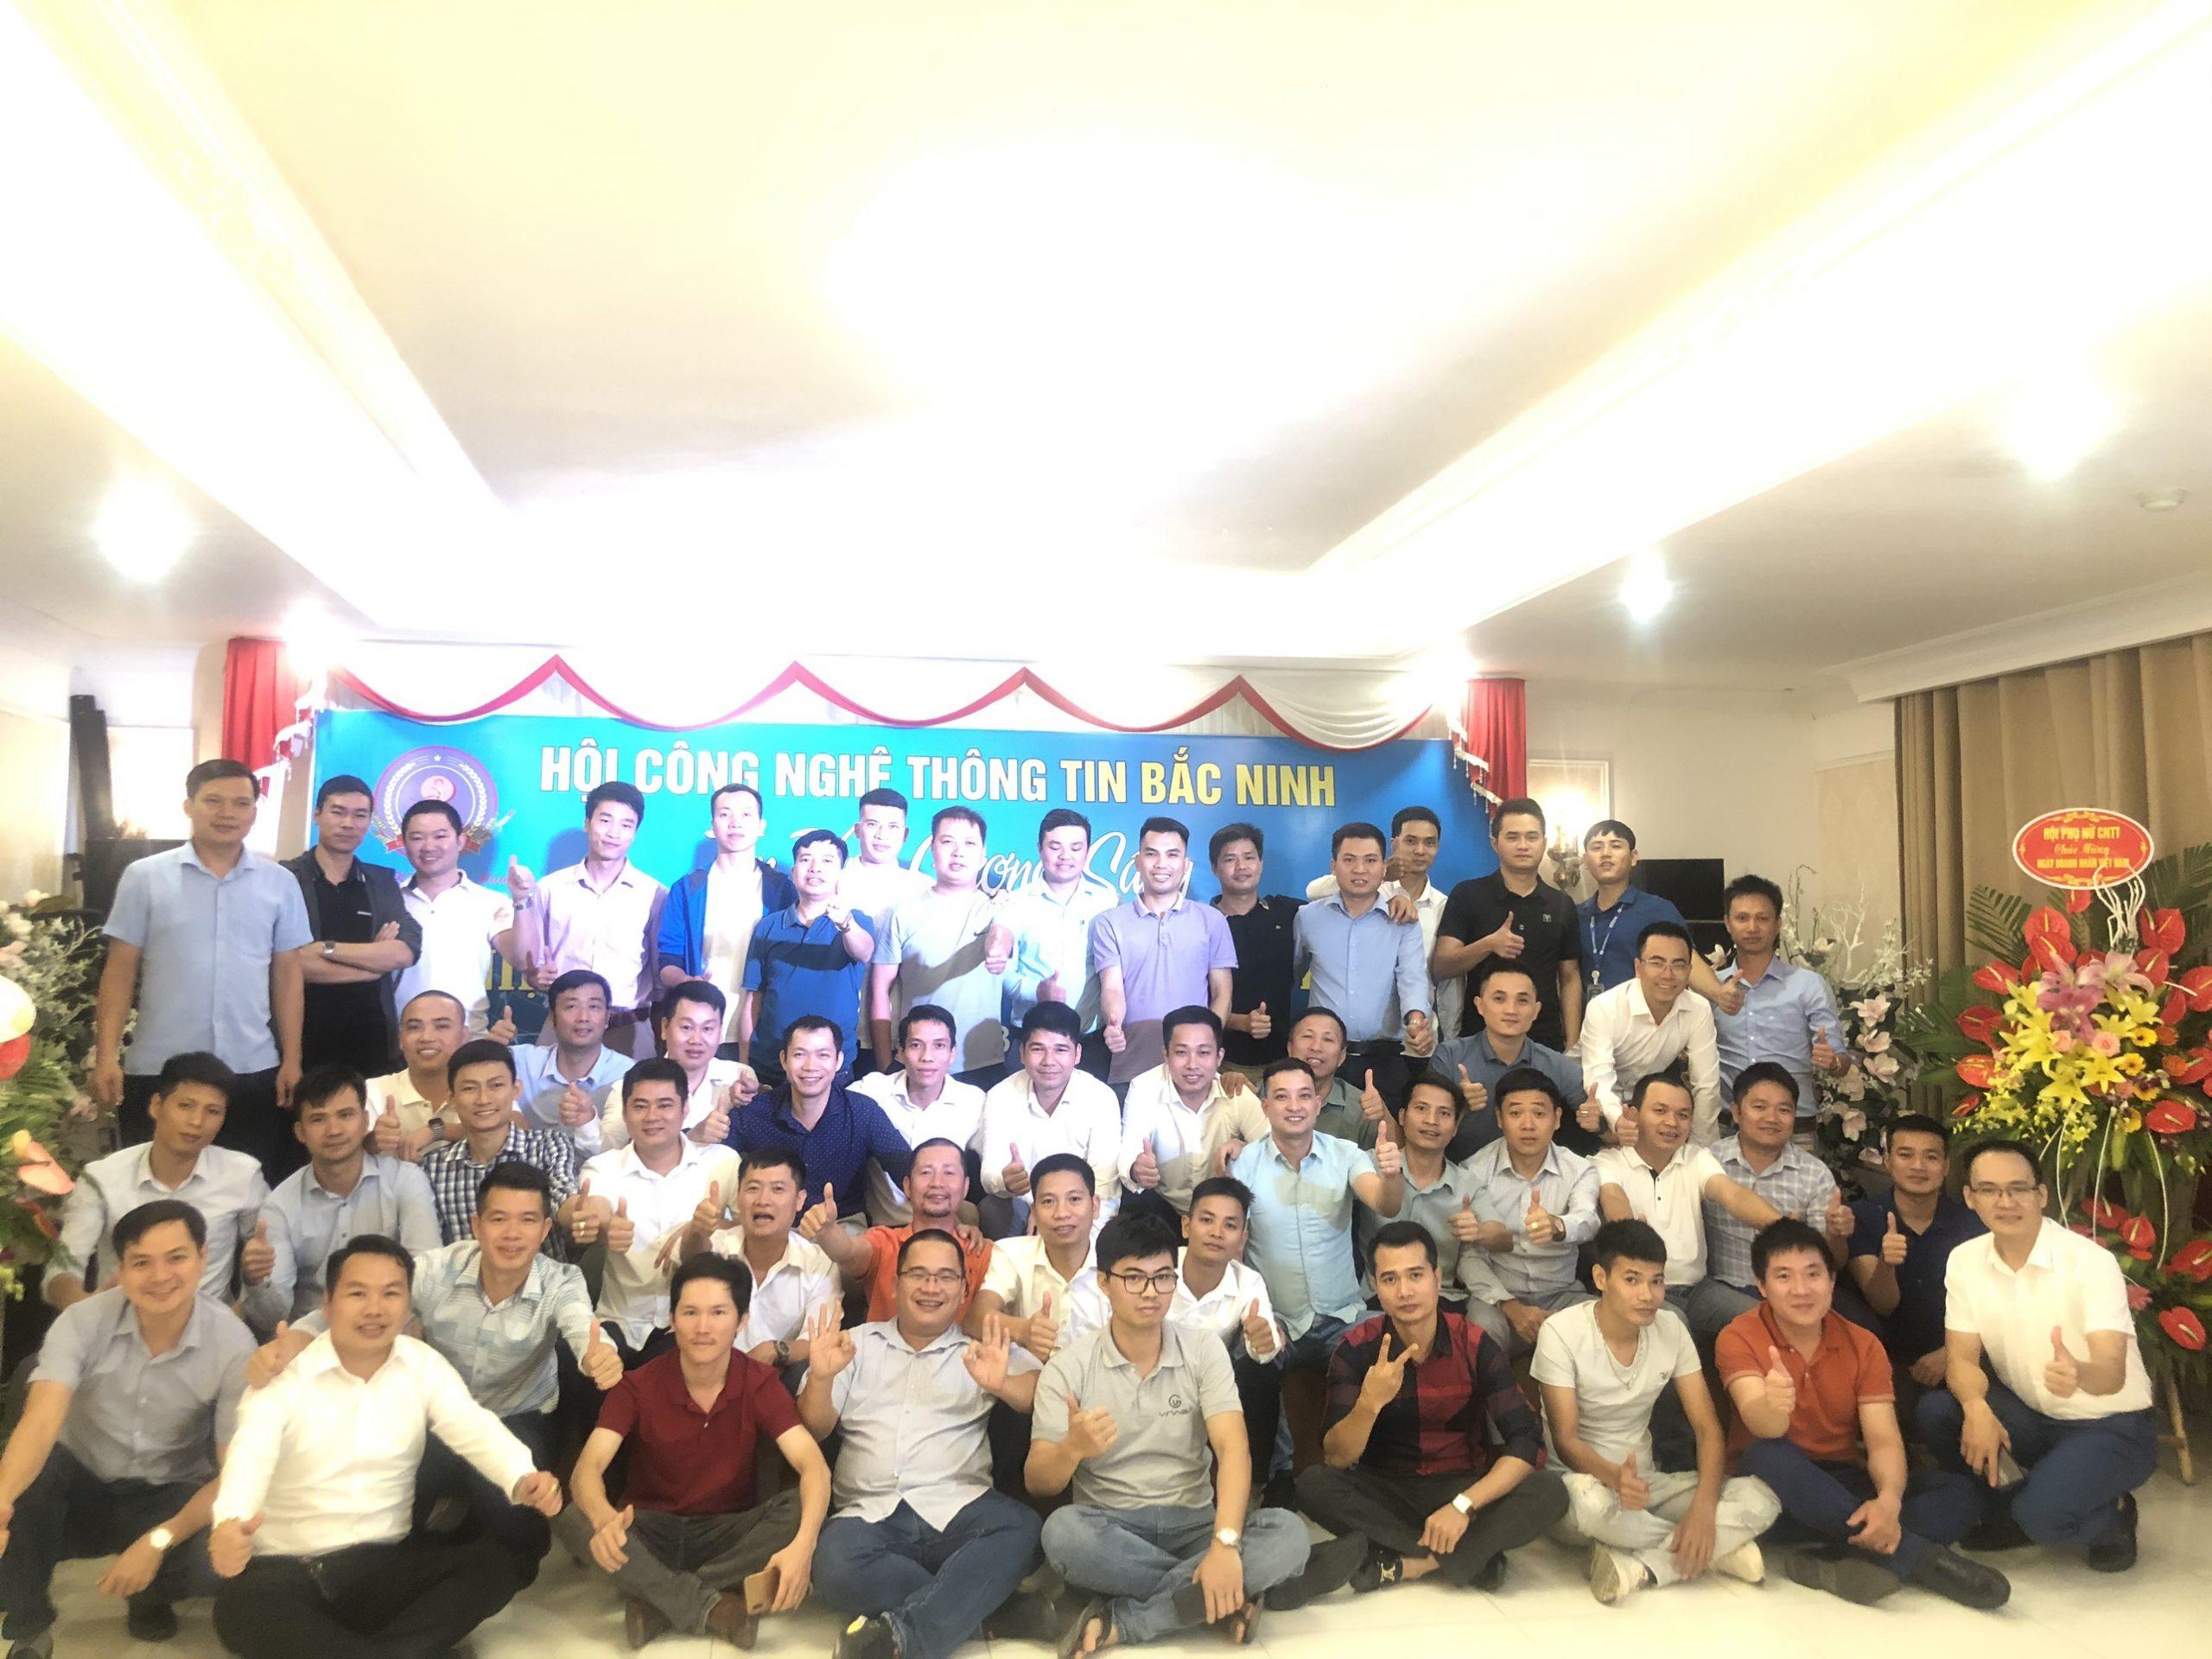 hội công nghệ thông tin Bắc Ninh ngày doanh nhân việt nam